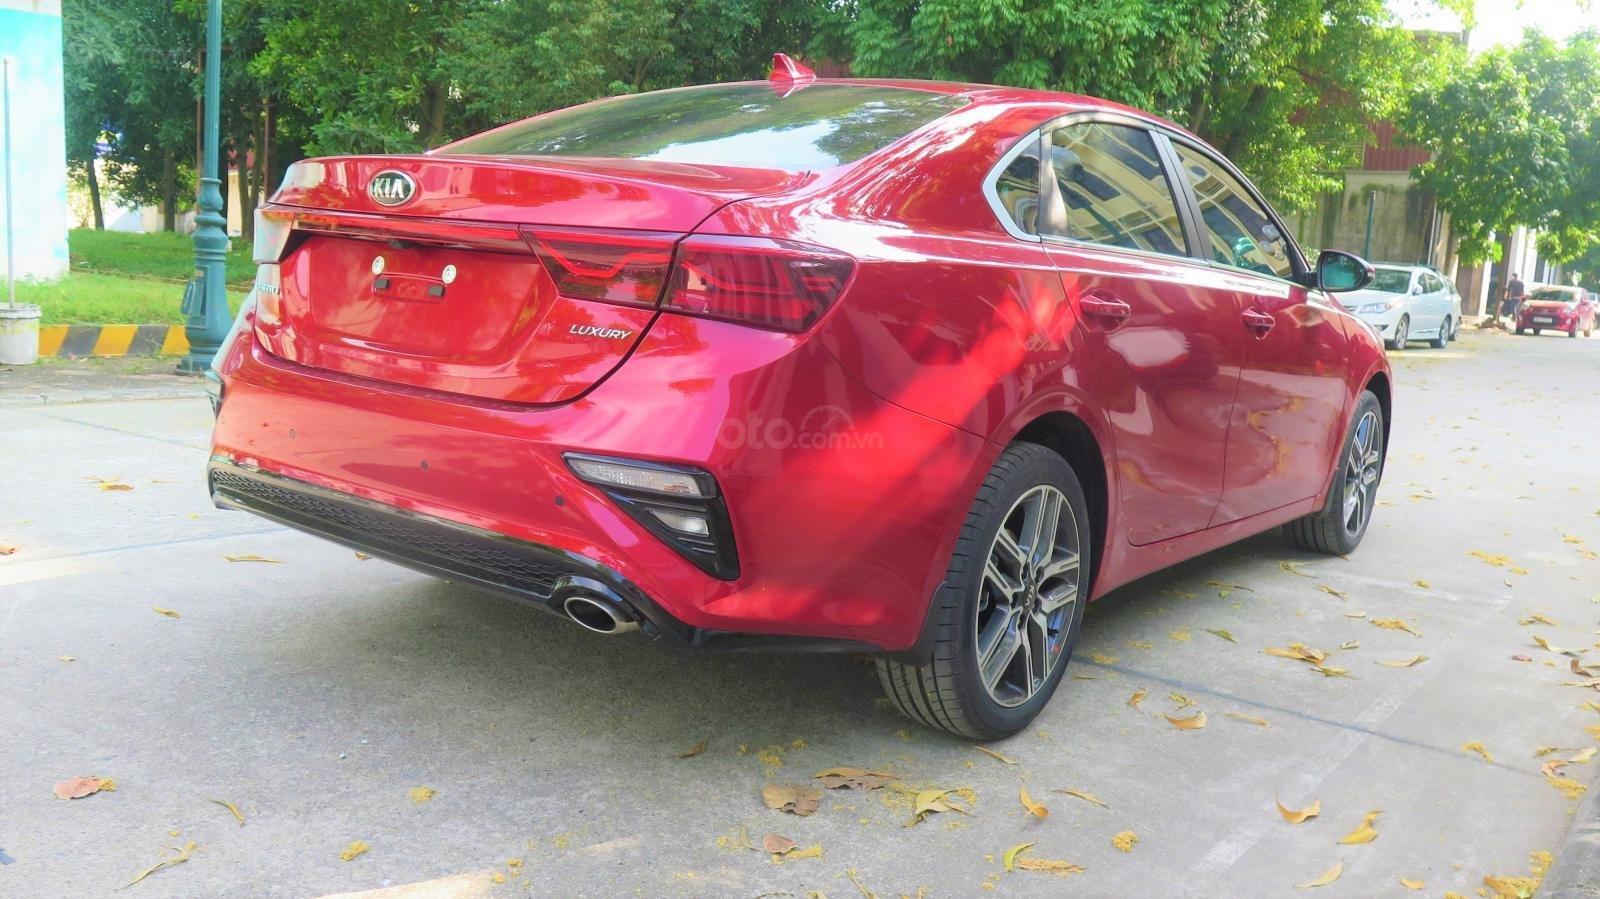 Bán xe Kia Cerato 1.6 AT Luxury SX 2019 màu đỏ giá 635 triệu (5)